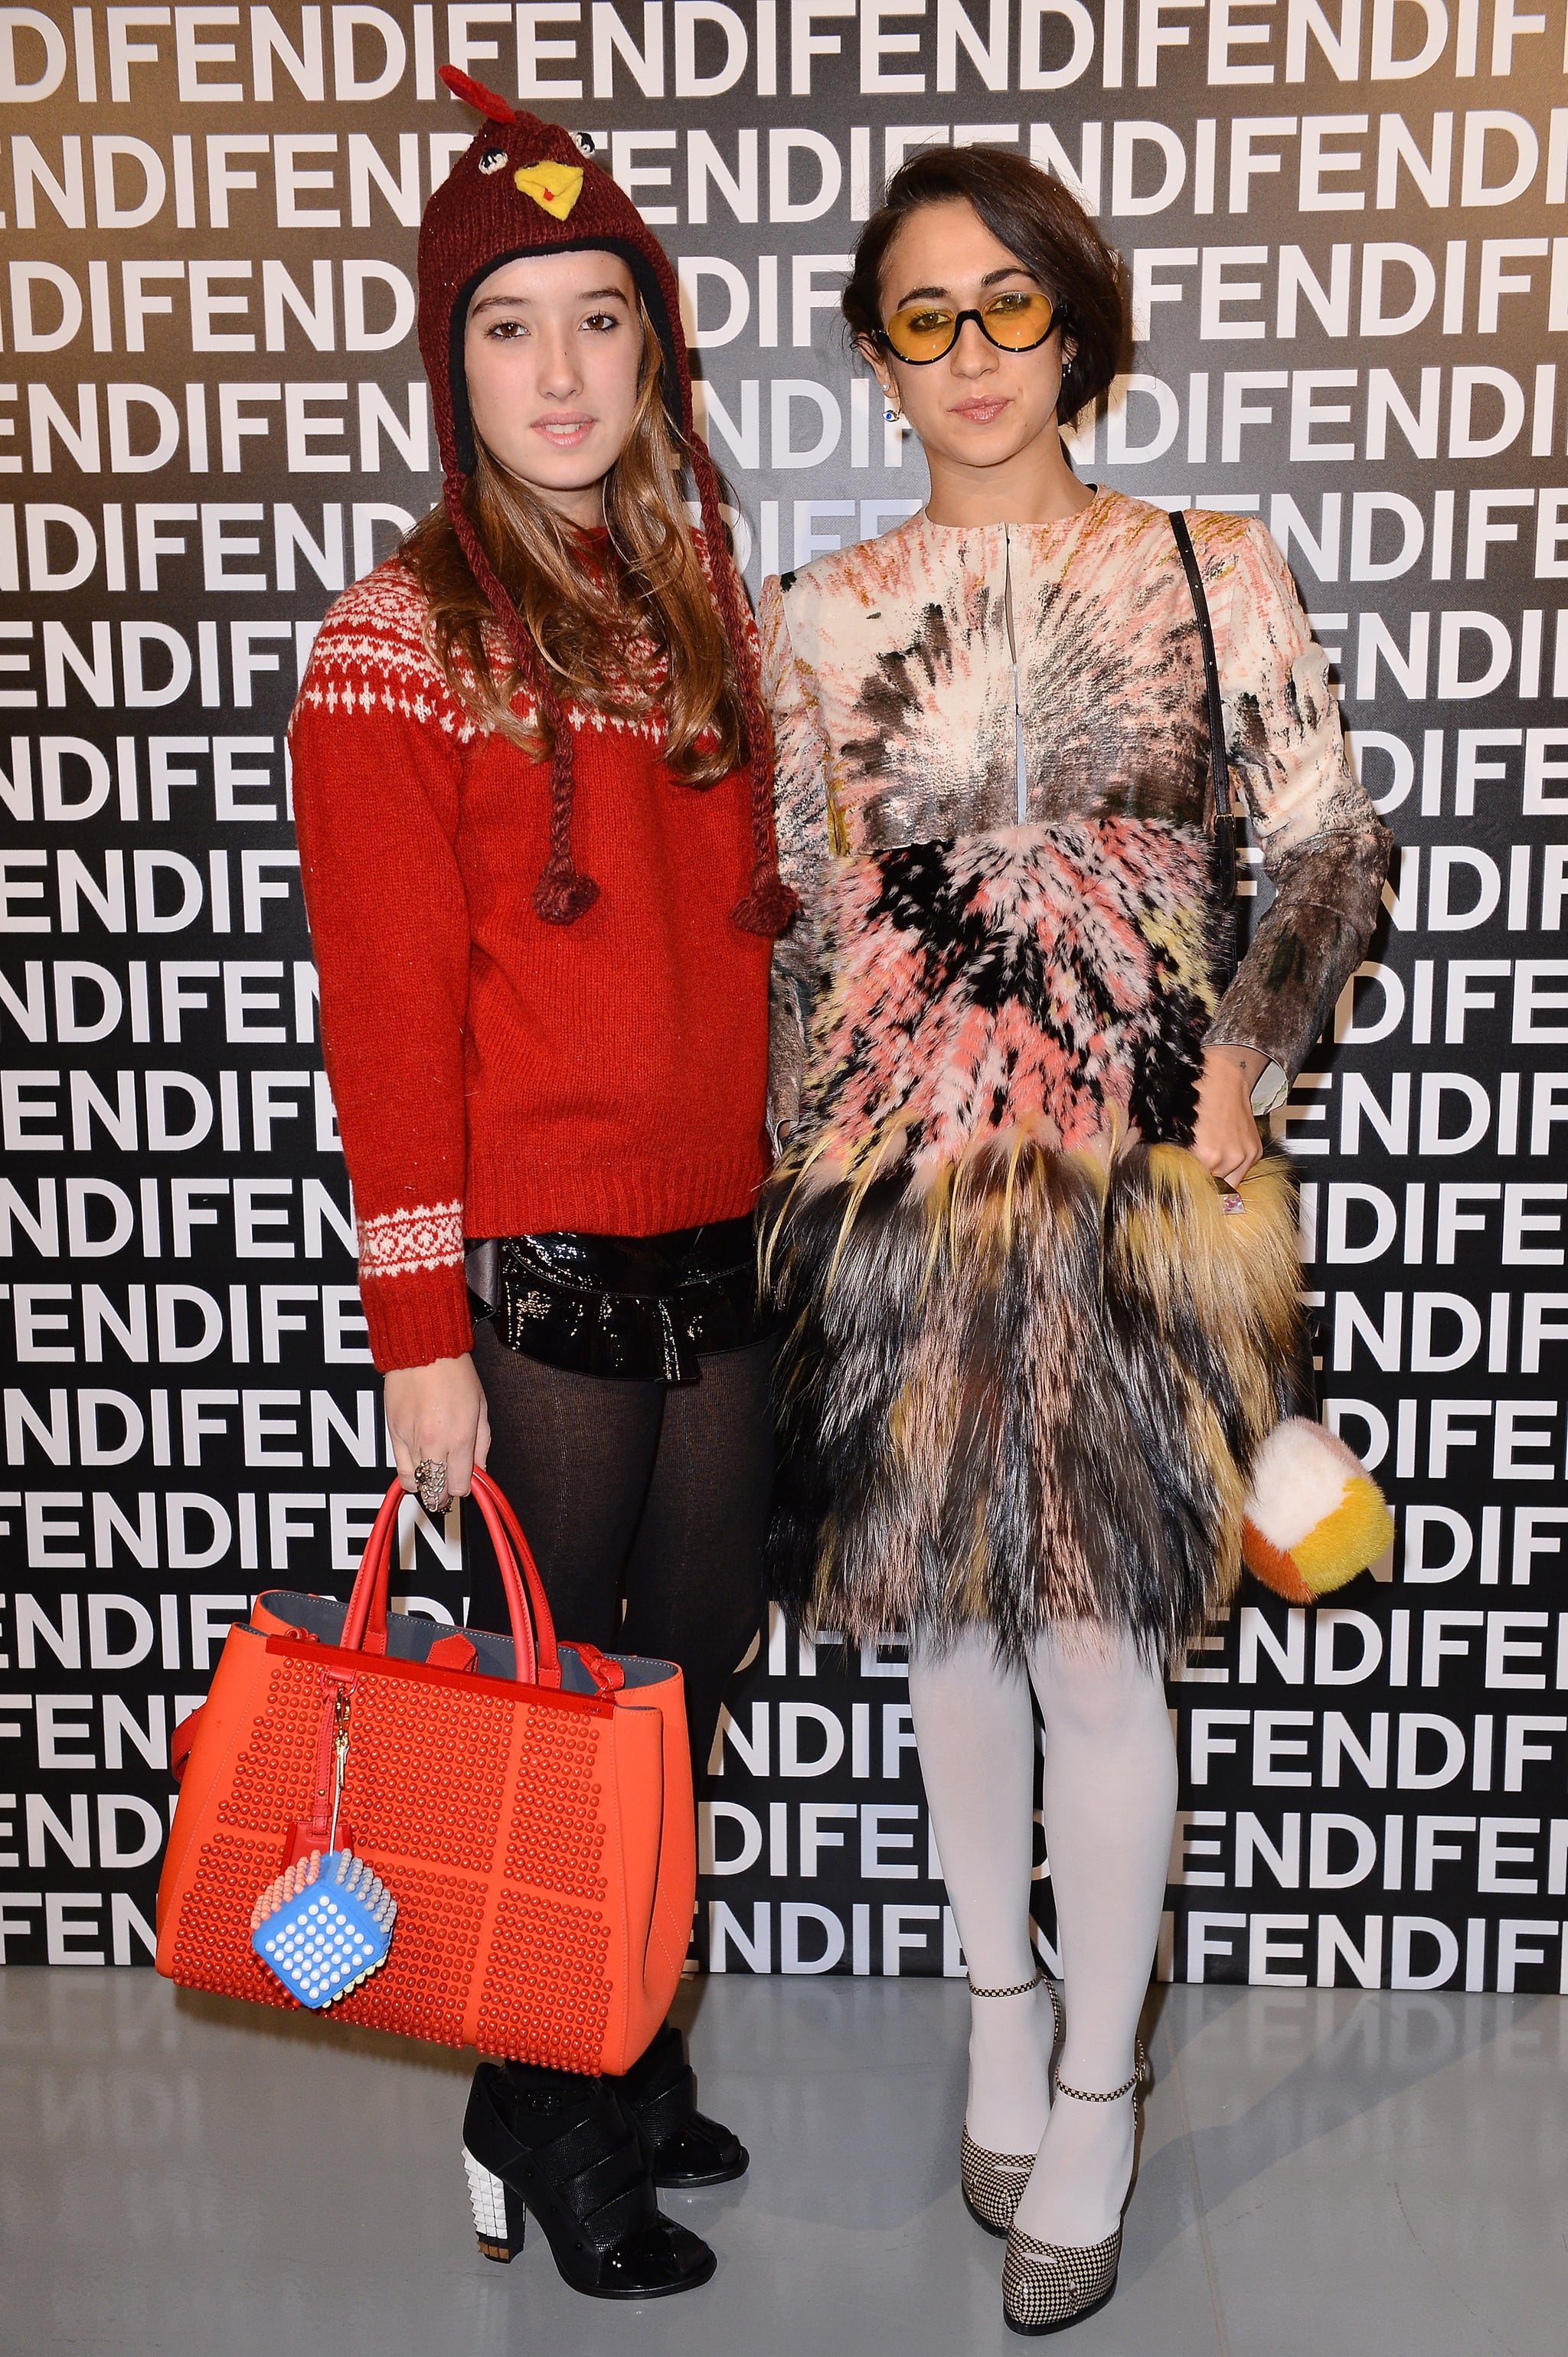 Delfina Delettrez and Leonetta Fendi at the Fendi Fall 2013 show in Milan.